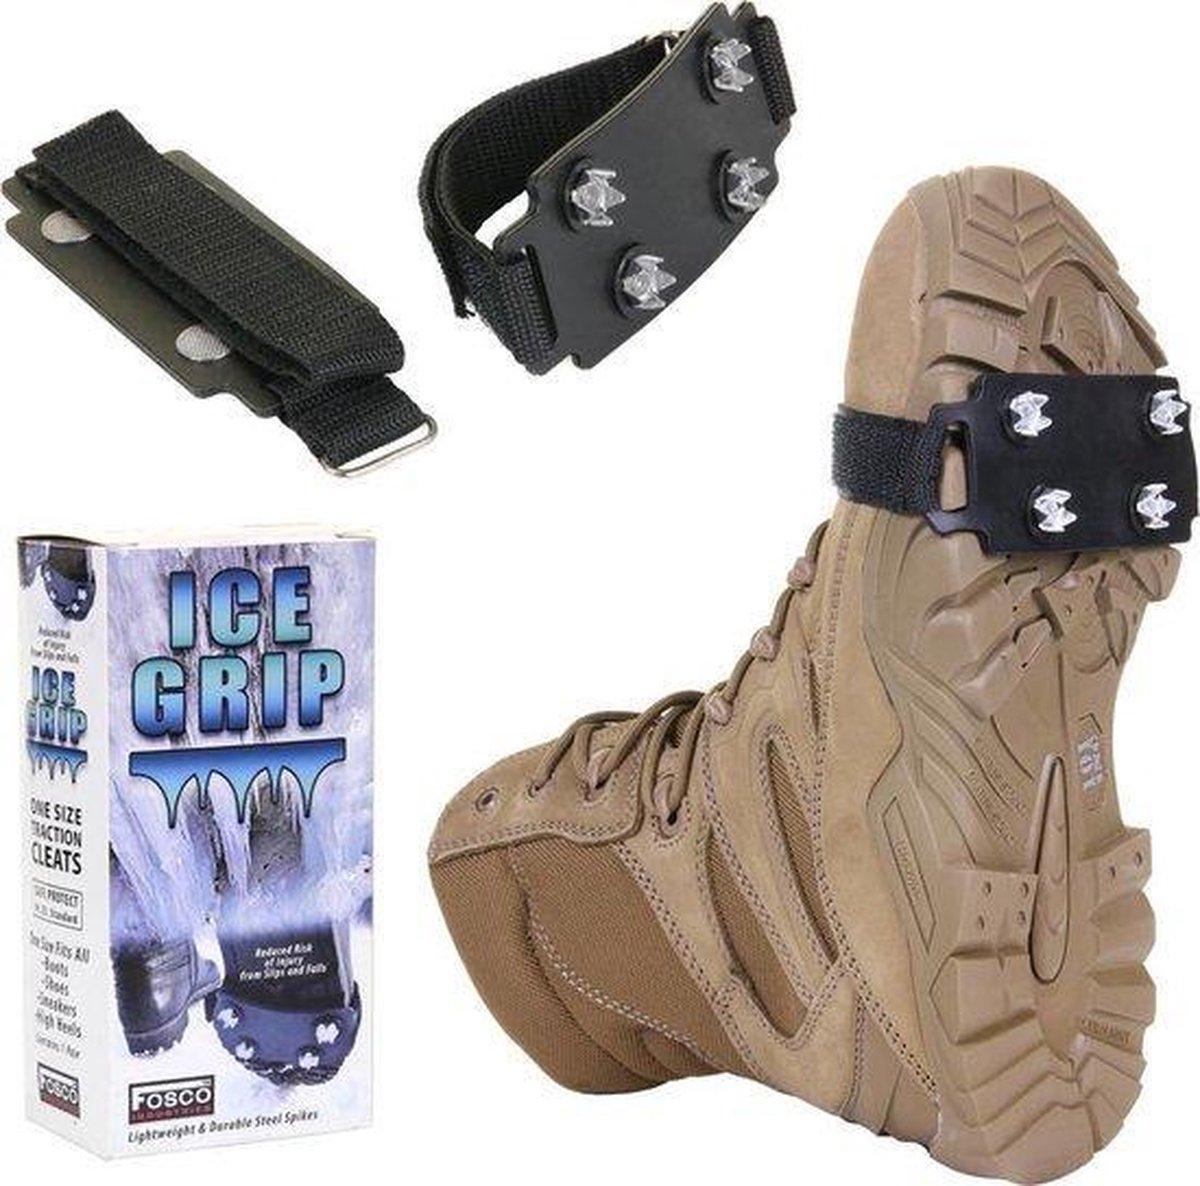 Koukleum - Ice grip sneeuwijzers voor onder de schoenen - anti slip / anti glij ijzer voor sneeuw en modder